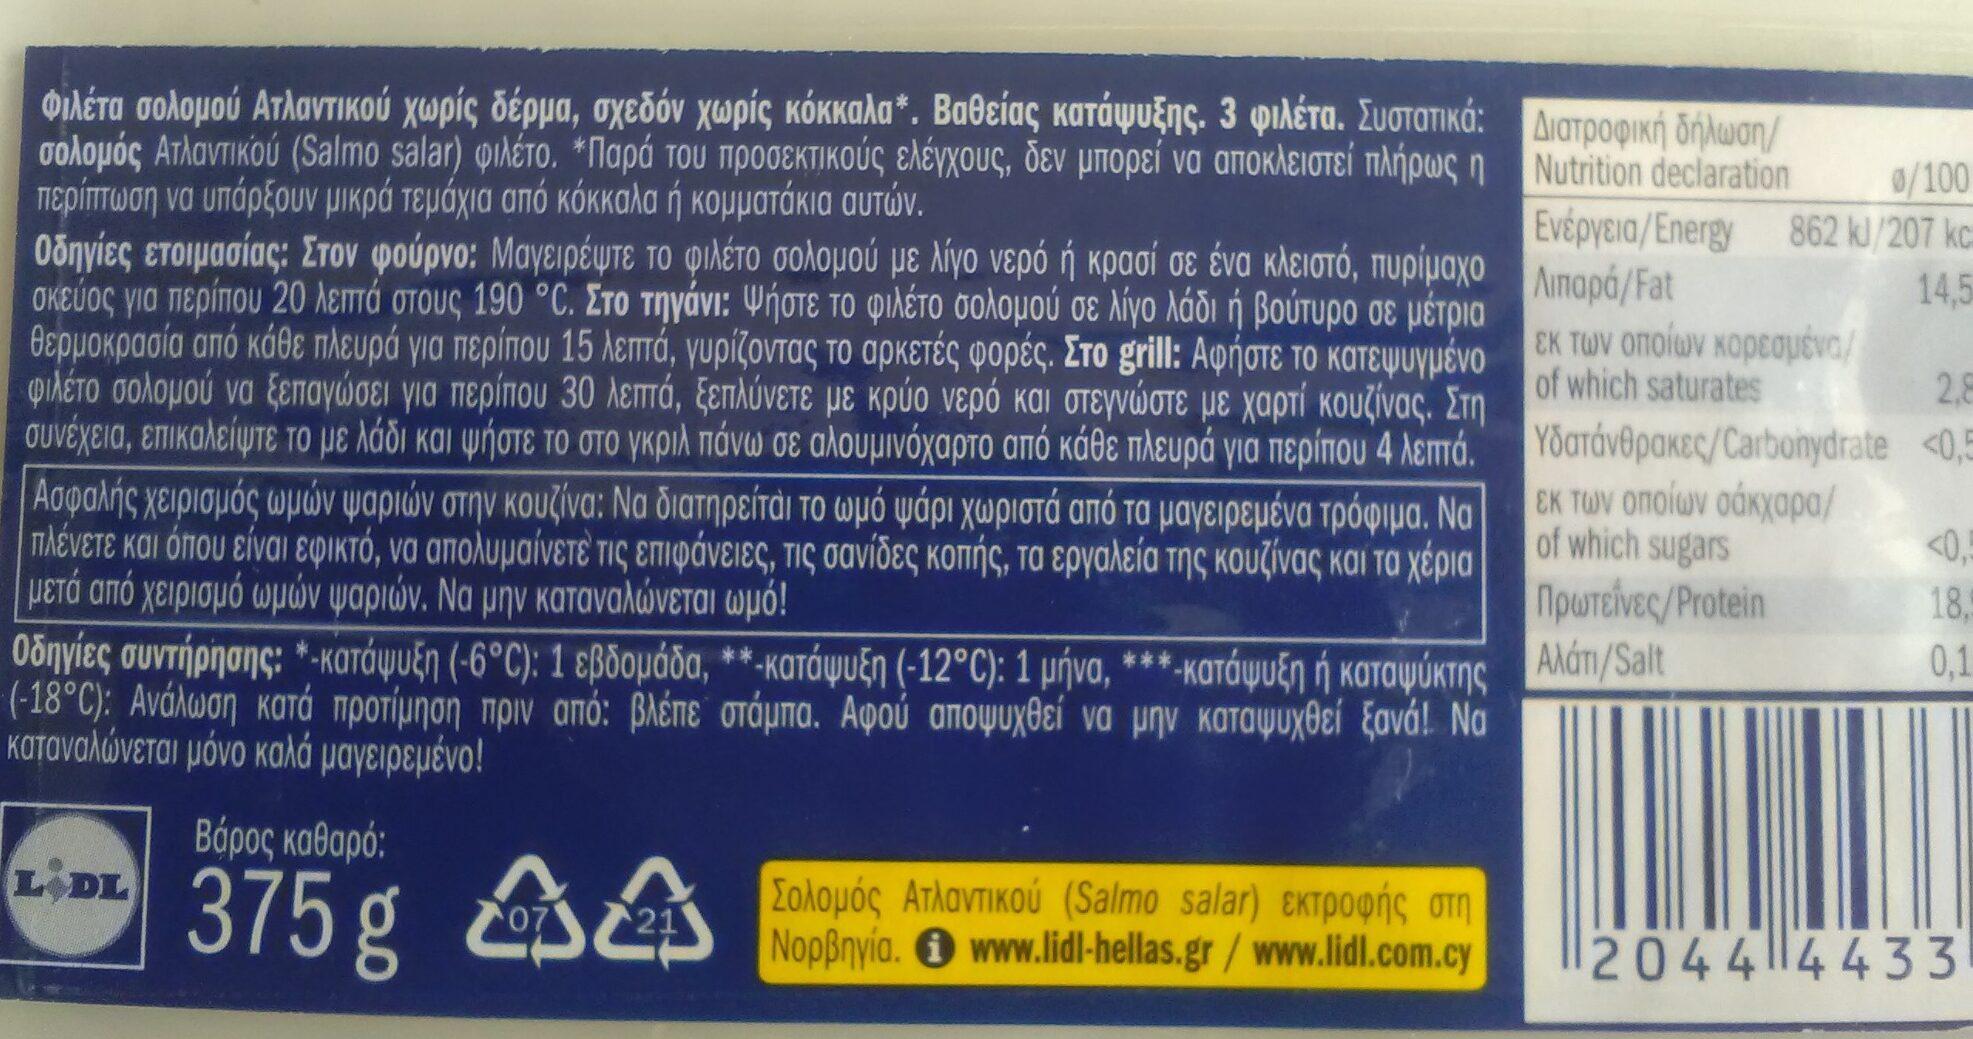 Atlantic Salmon Fillet without skin - Προϊόν - en